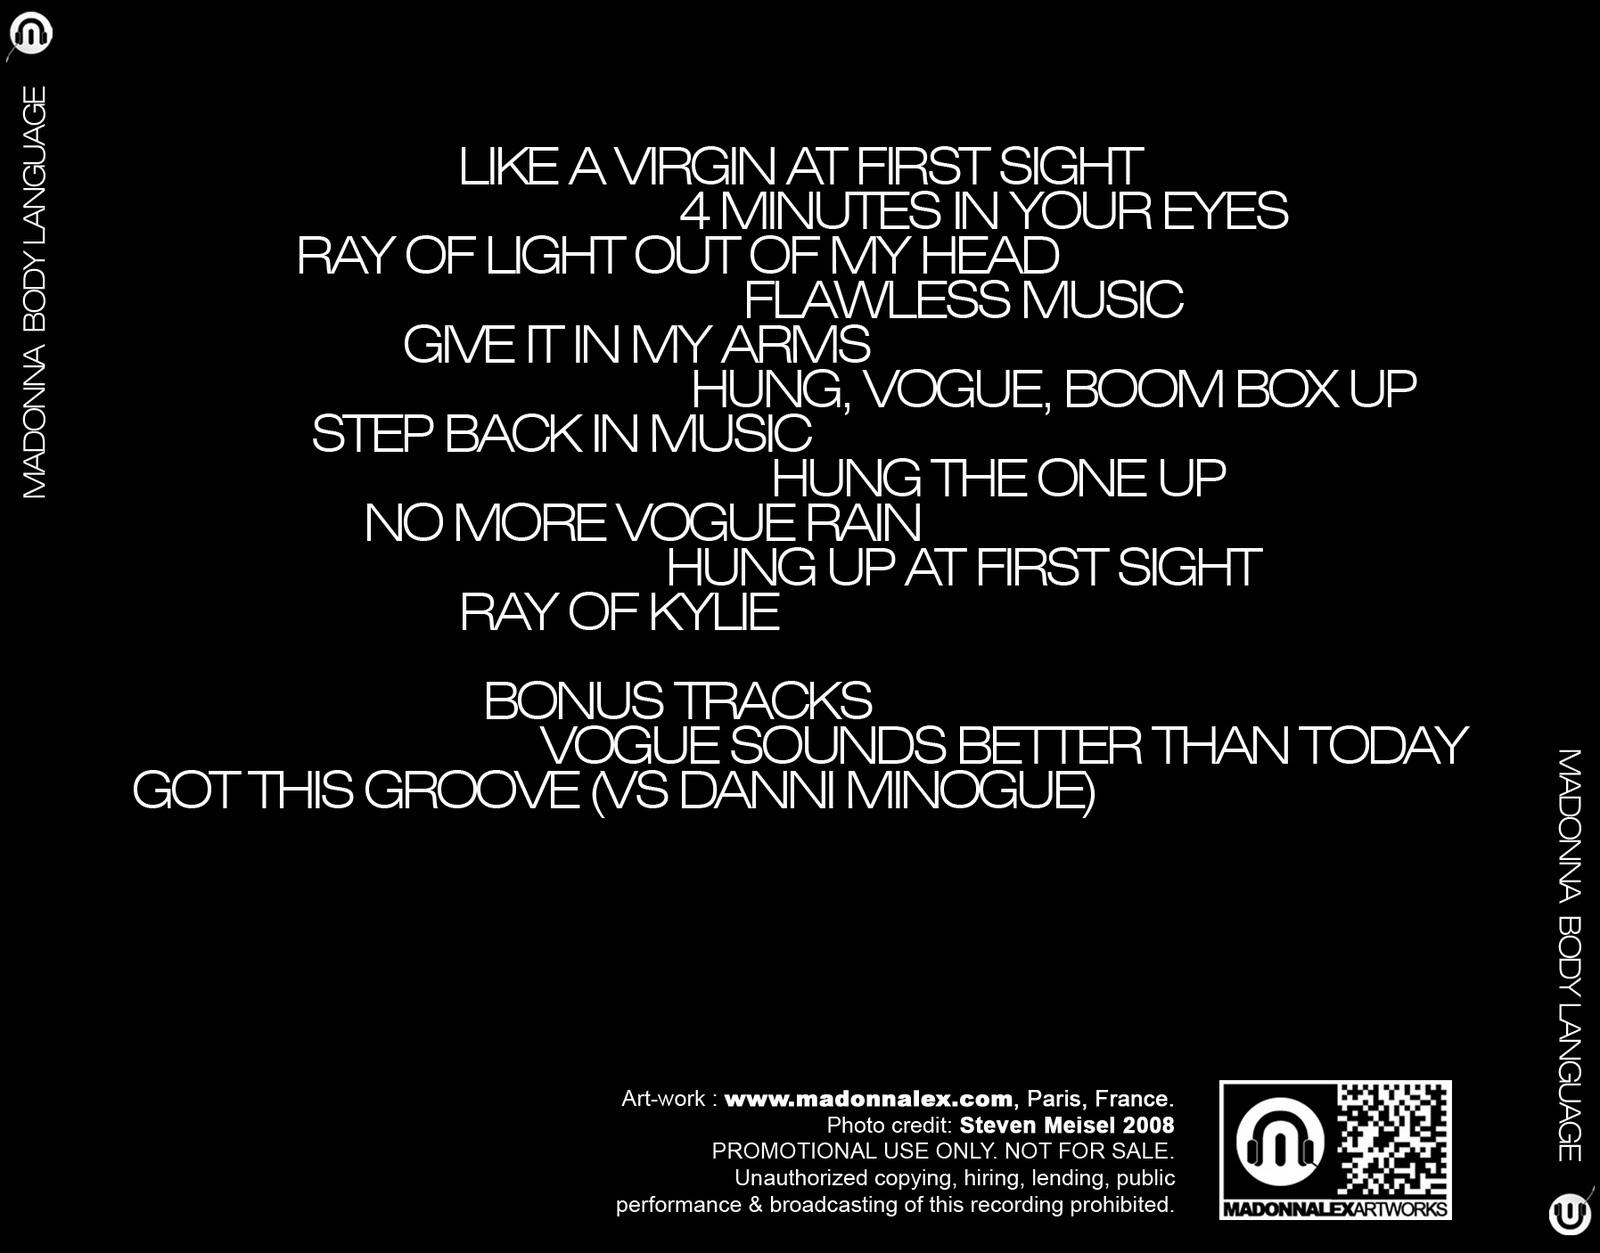 http://3.bp.blogspot.com/-0p1oDEYpfLg/TlO8ksnLYJI/AAAAAAAAFwM/HdYnnzooohM/s1600/BodyLanguage_Madonnashup_backcover.jpg